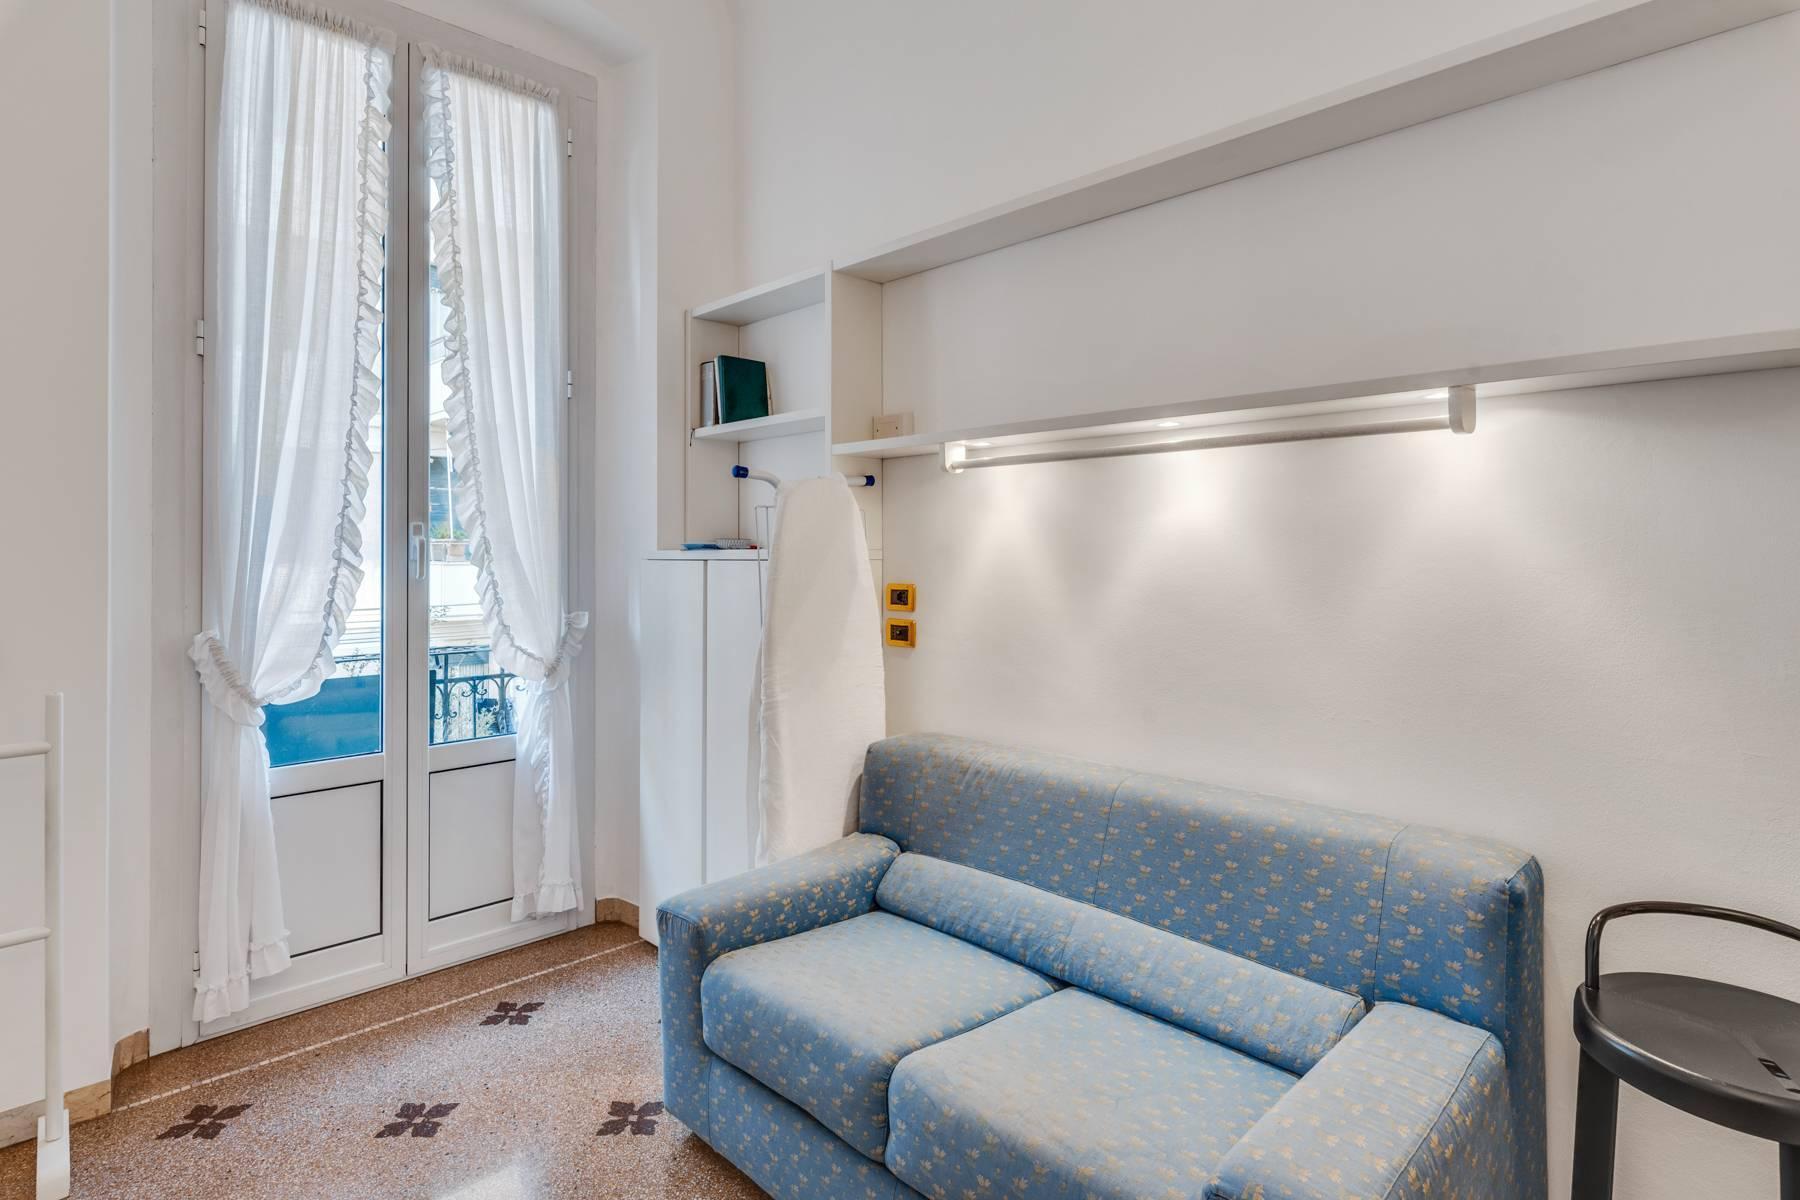 Elegante 275 qm Wohnung im antiken Palast in Carignano - 26